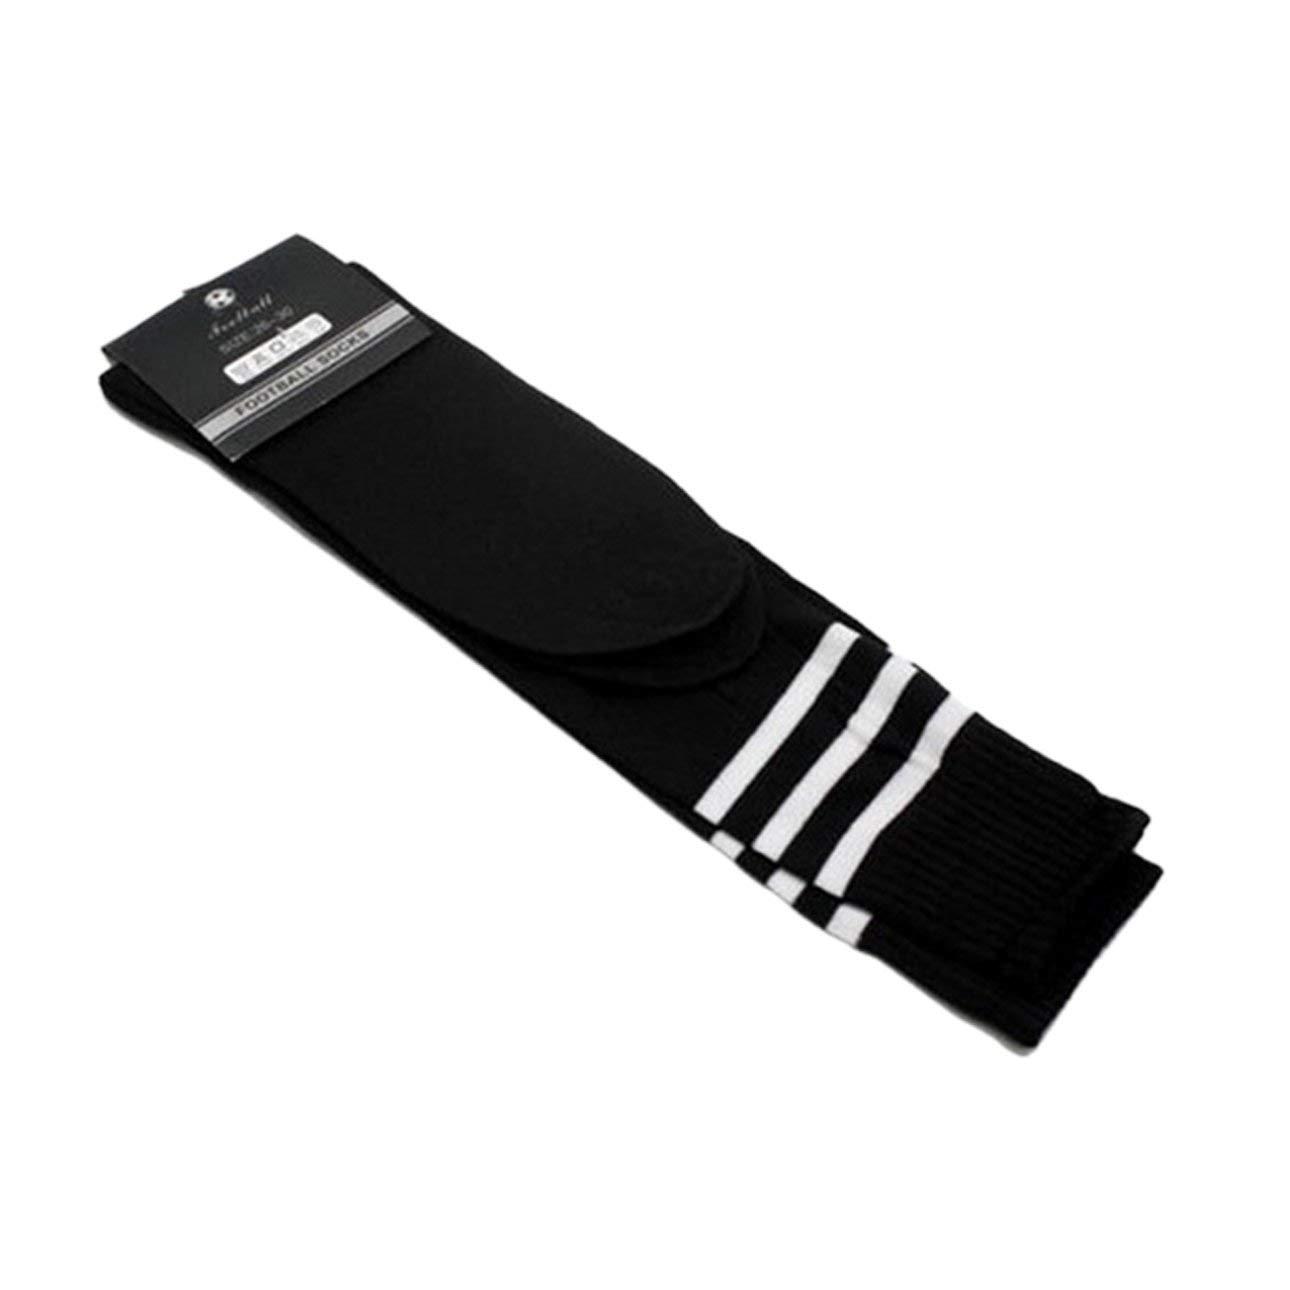 Pudincoco Transpirable el/ástico Antideslizante Calcetines de f/útbol para Adultos f/útbol Deportes Correr Medias Hombres Deporte Calcetines al Aire Libre